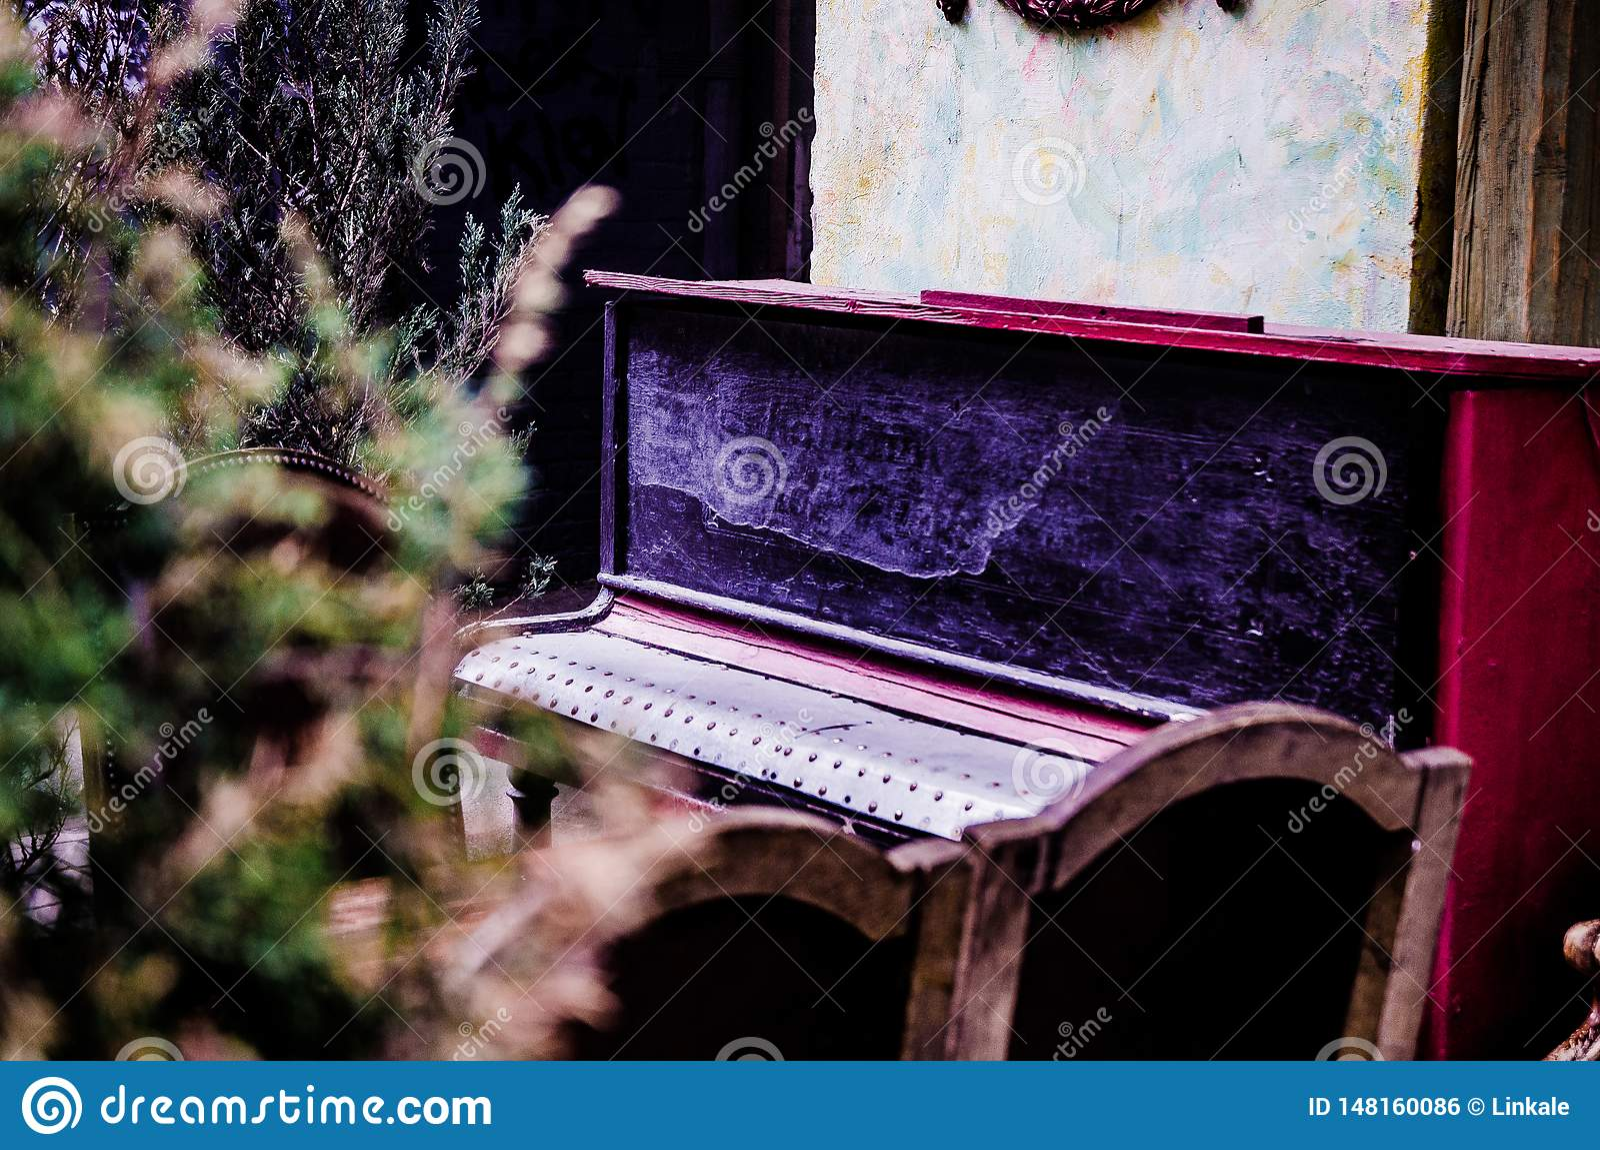 Piano music in hurt